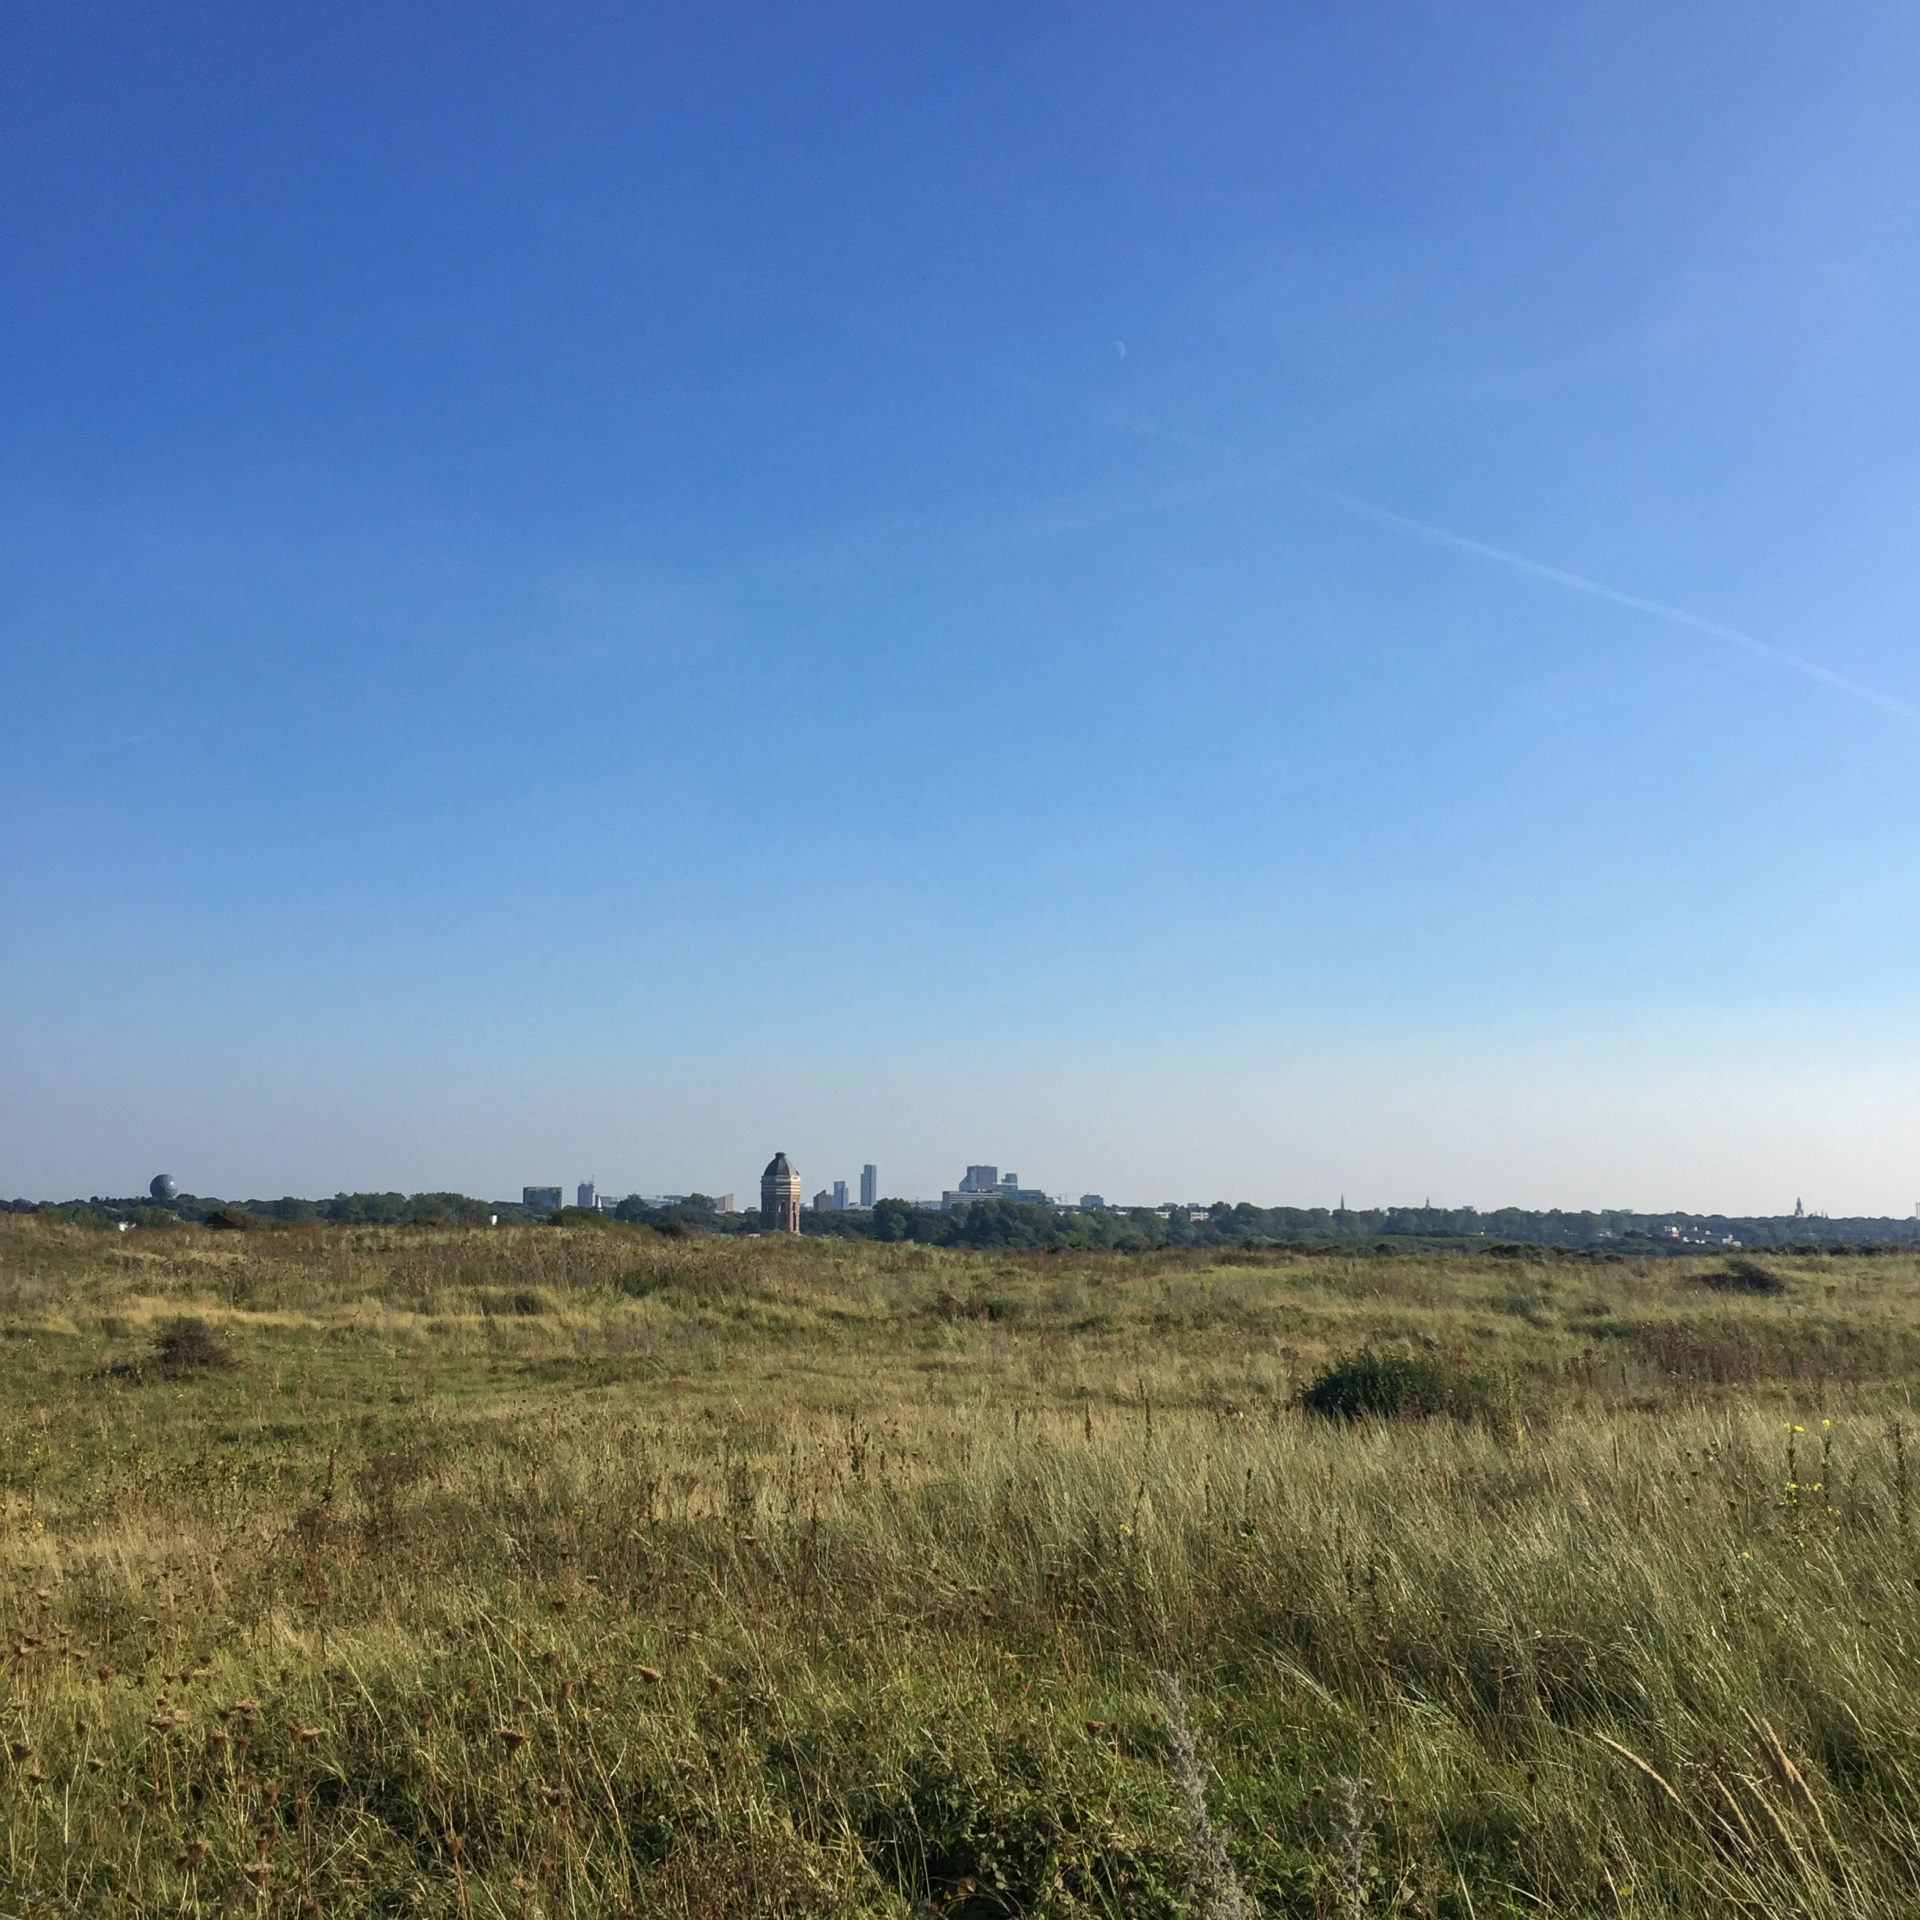 Das Dünengebiet Meijendel in Scheveningen mit Blick auf die Skyline von Den Haag